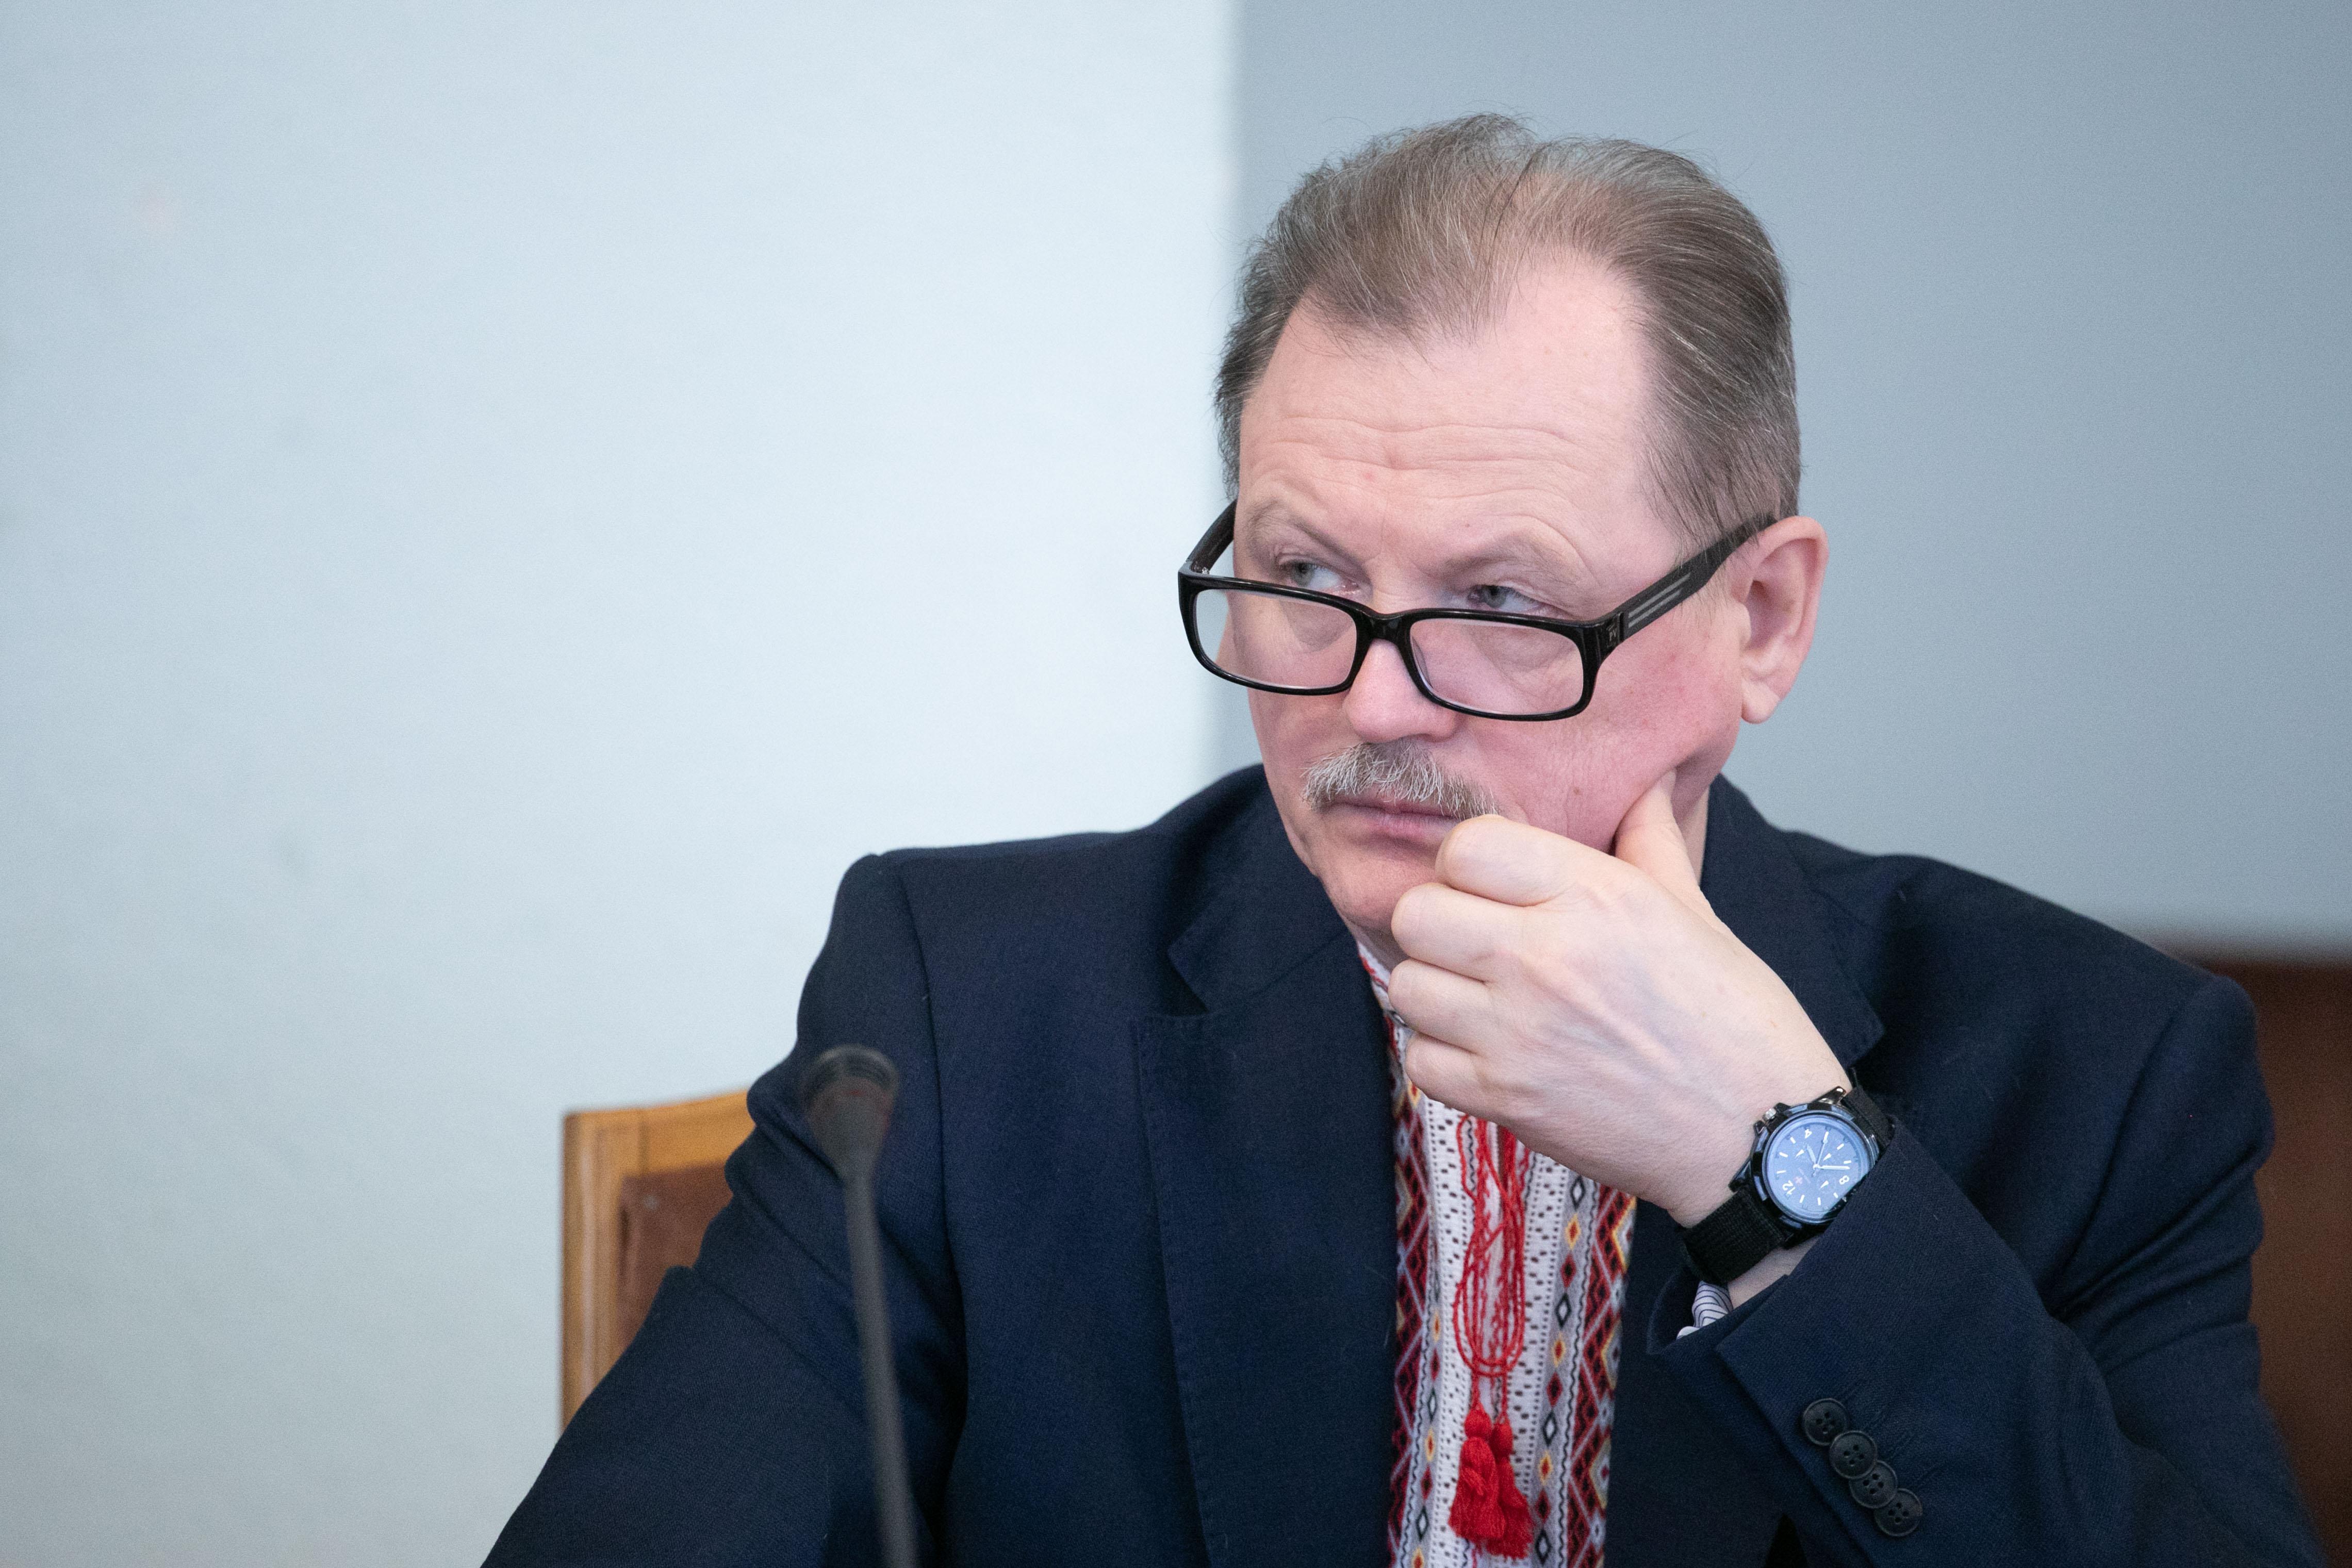 МОН обрало освітнім омбудсменом учителя медіаграмотності Сергія Горбачова